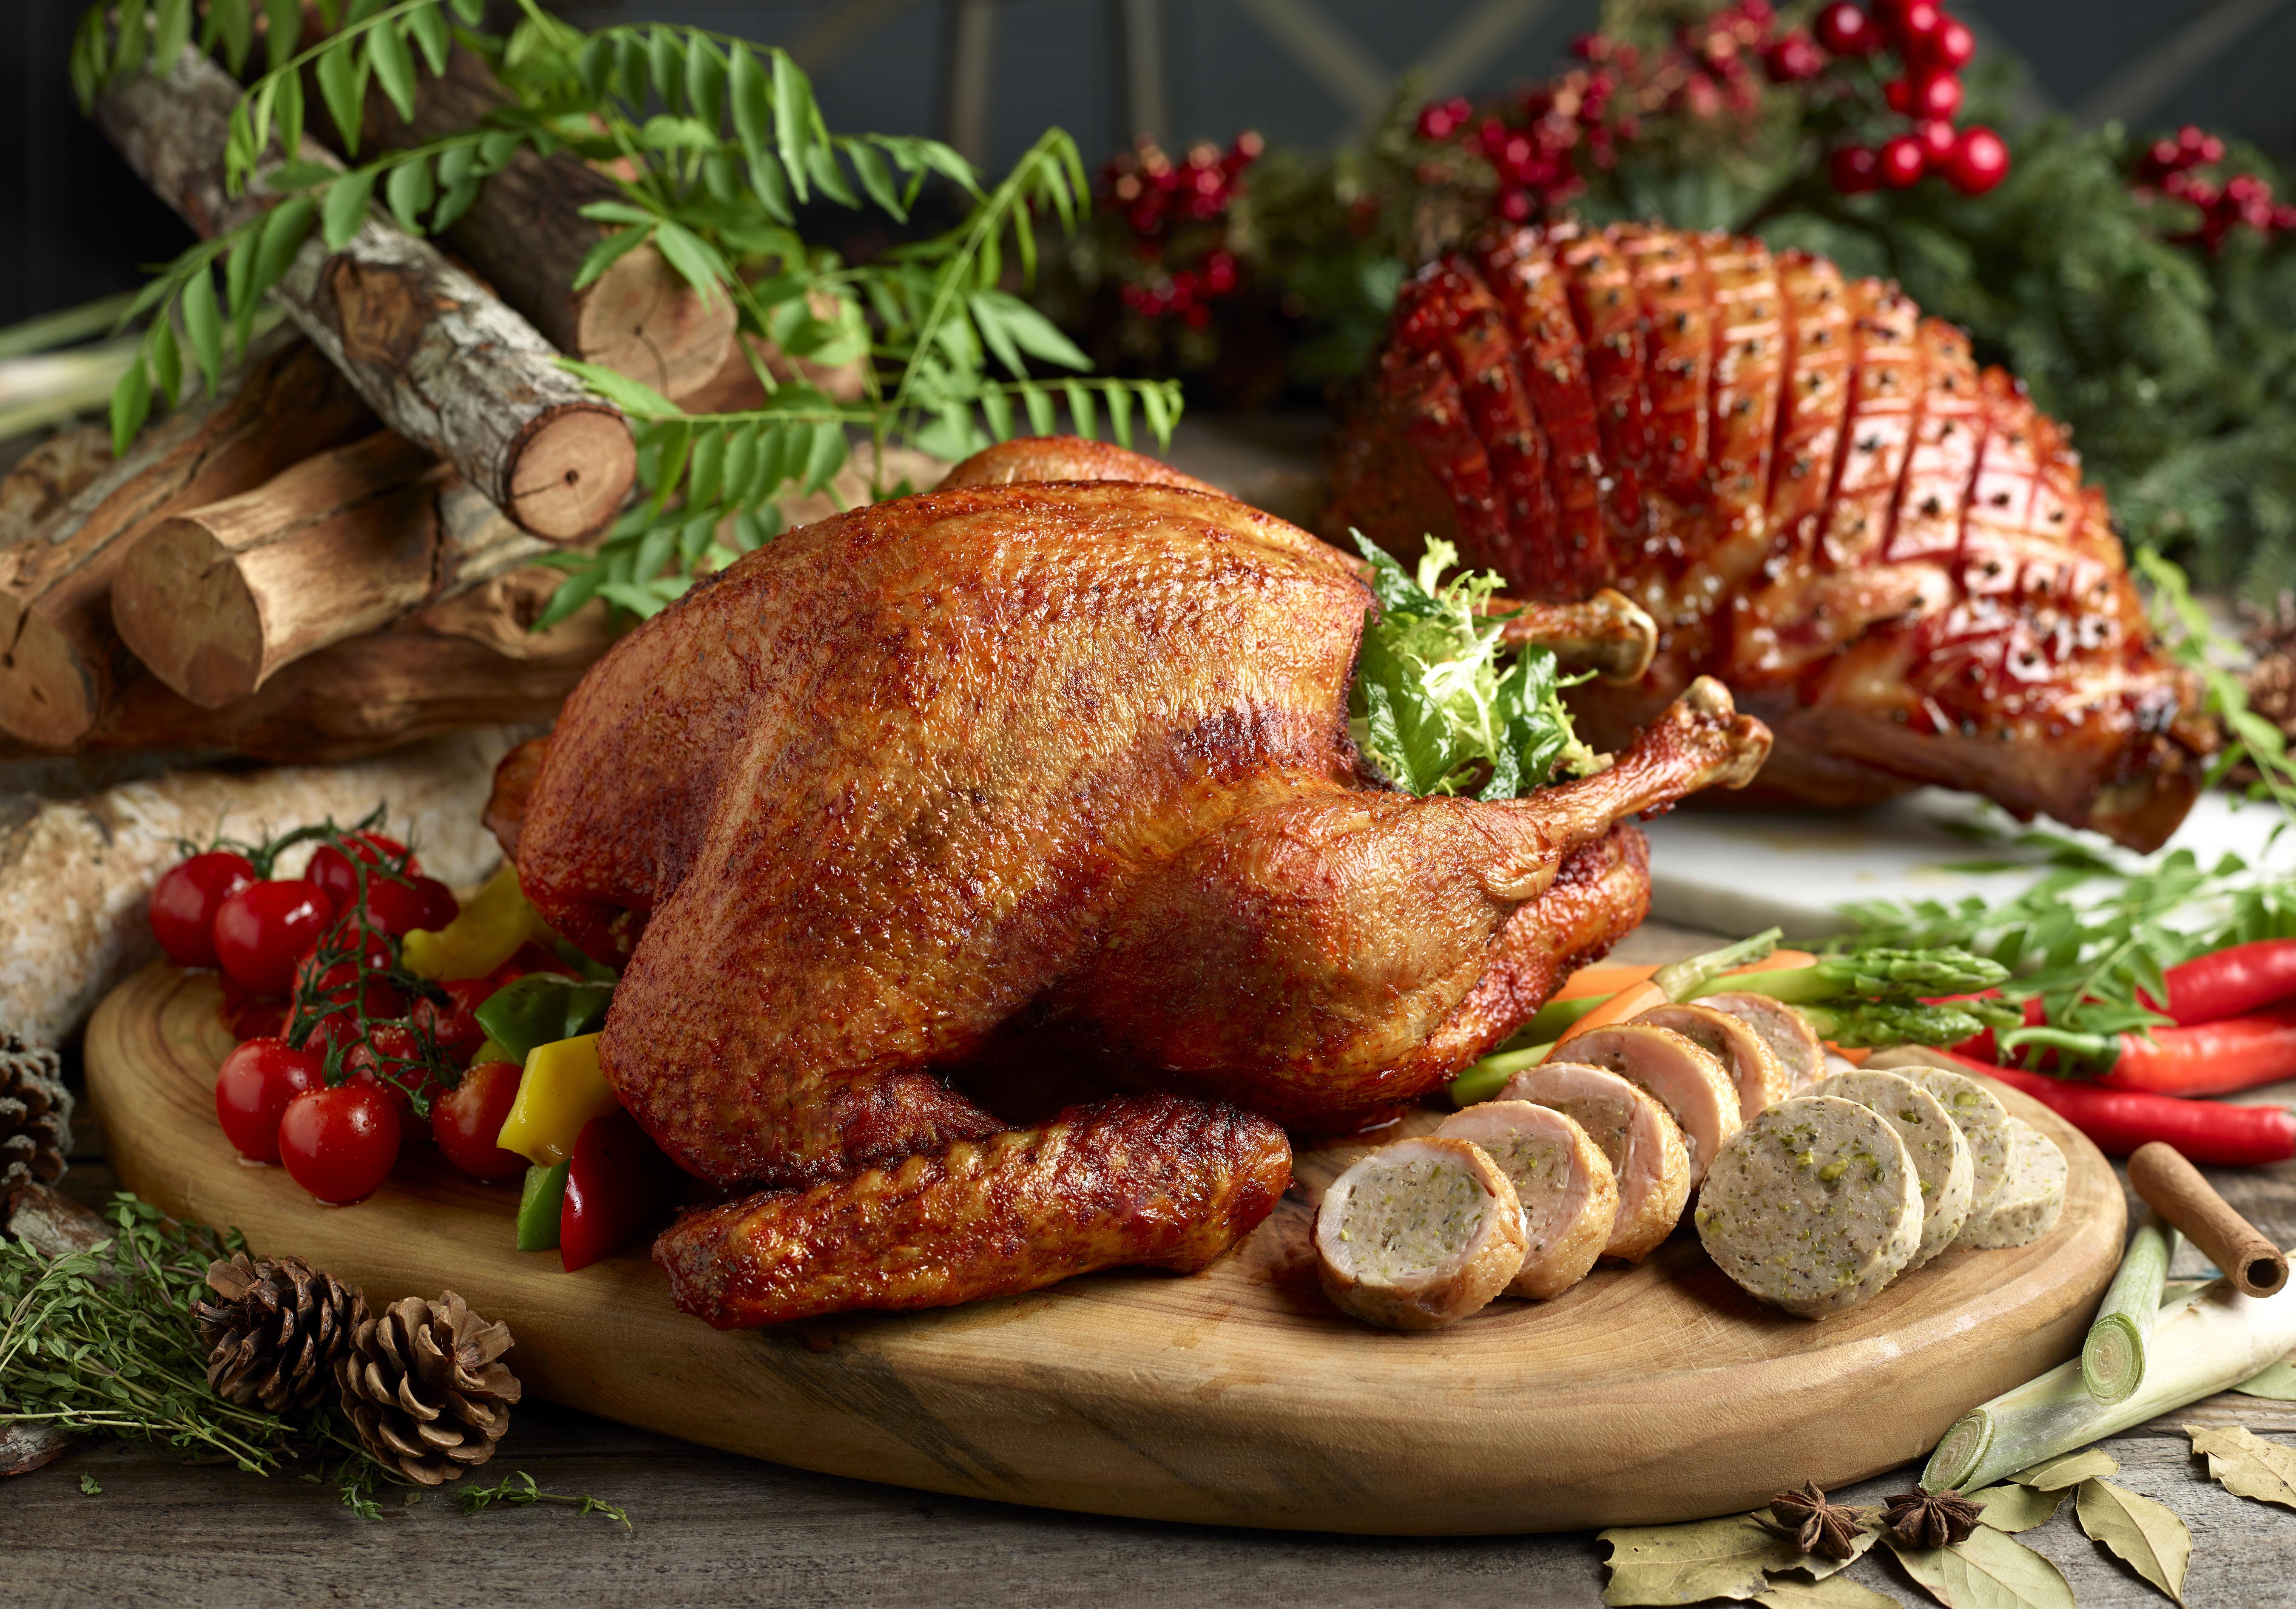 Ellenborough Market Cafe - Asian Inspired Kam Heong Turkey and Honey Glazed Smoked Gammon Ham